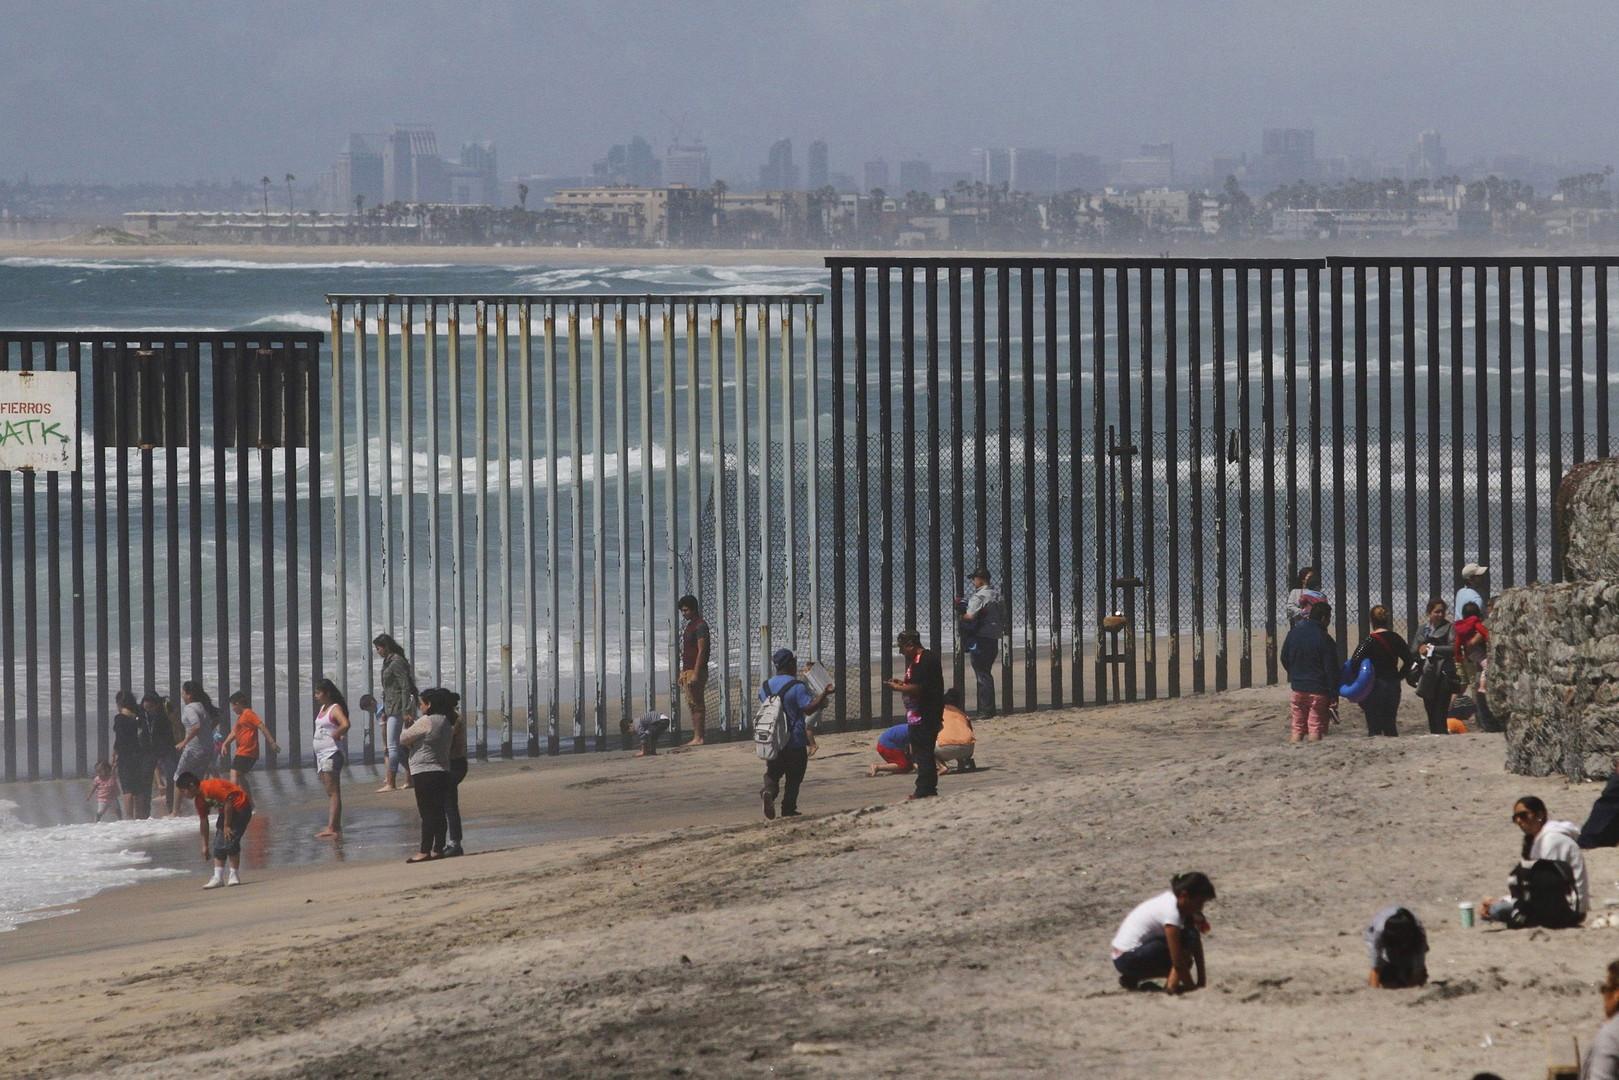 Ein Zaunabschnitt an der Grenze zwischen Mexiko und den Vereinigten Staaten